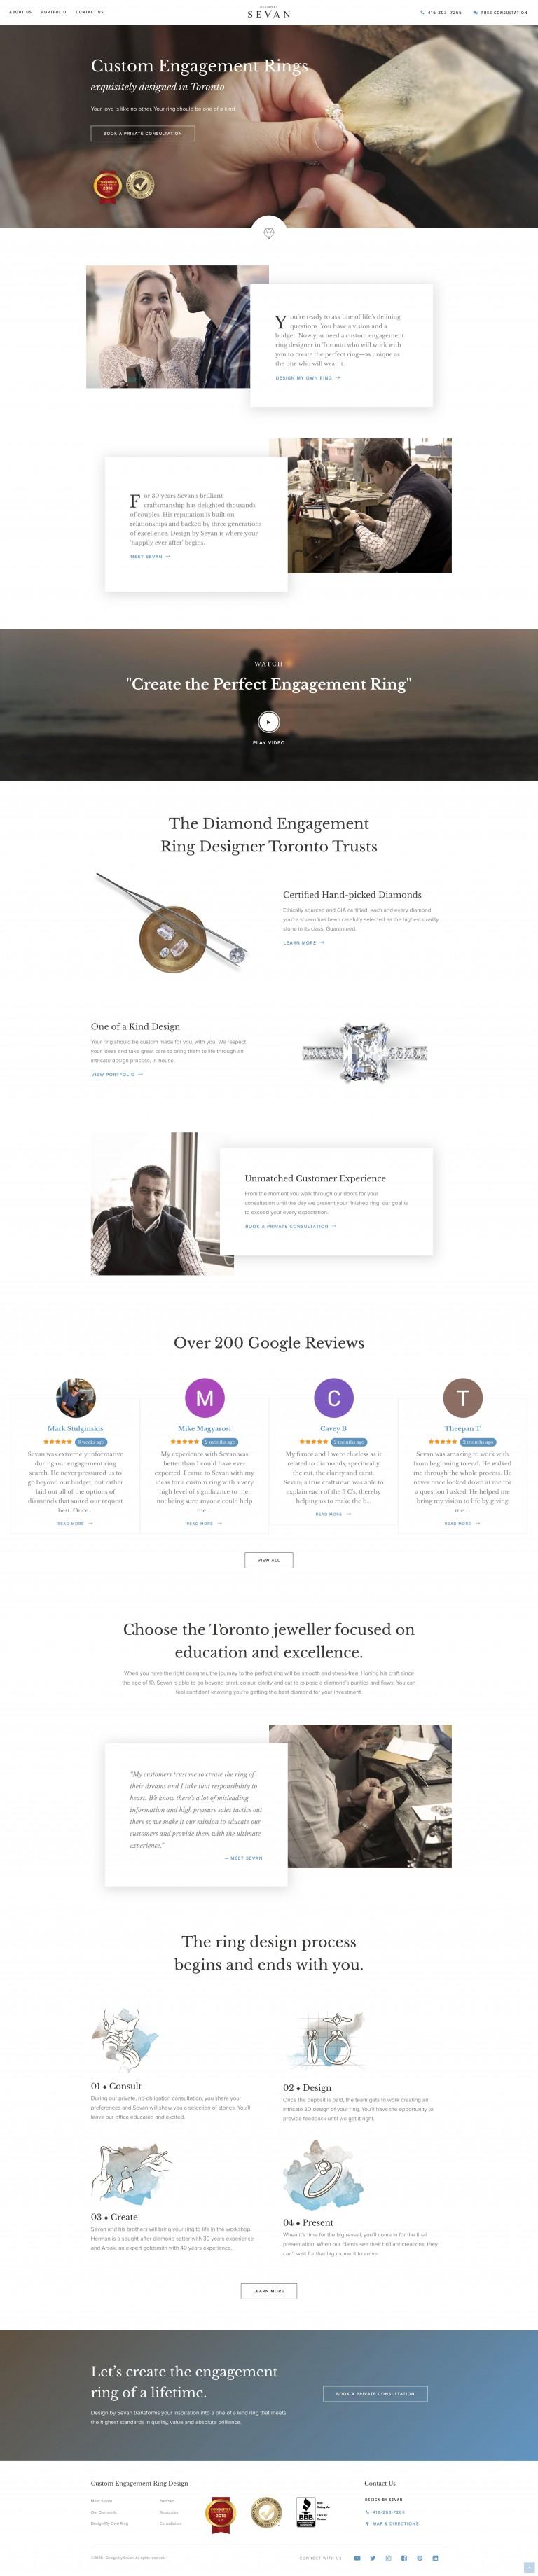 engagement ring designer website